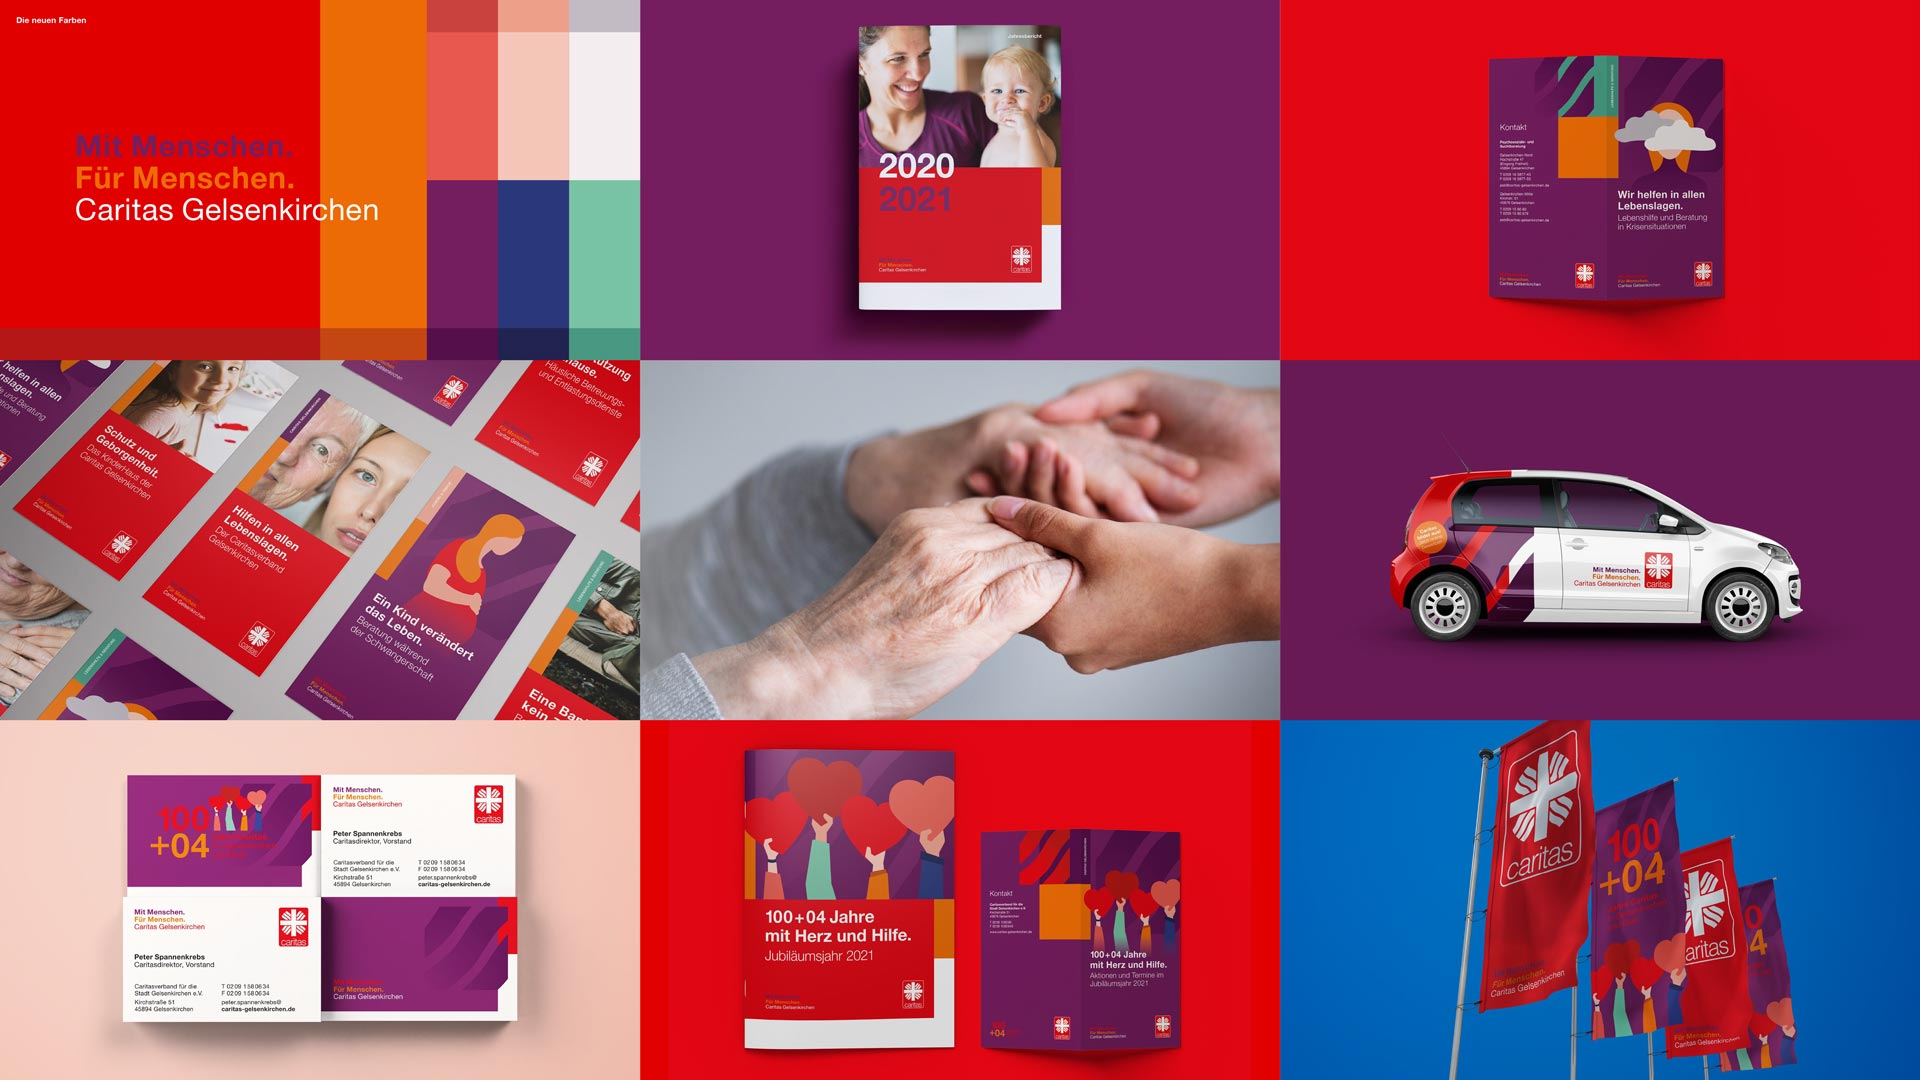 Übersicht Corporate Design und Jubiläumslogo für den Caritas Stadtverband Gelsenkirchen